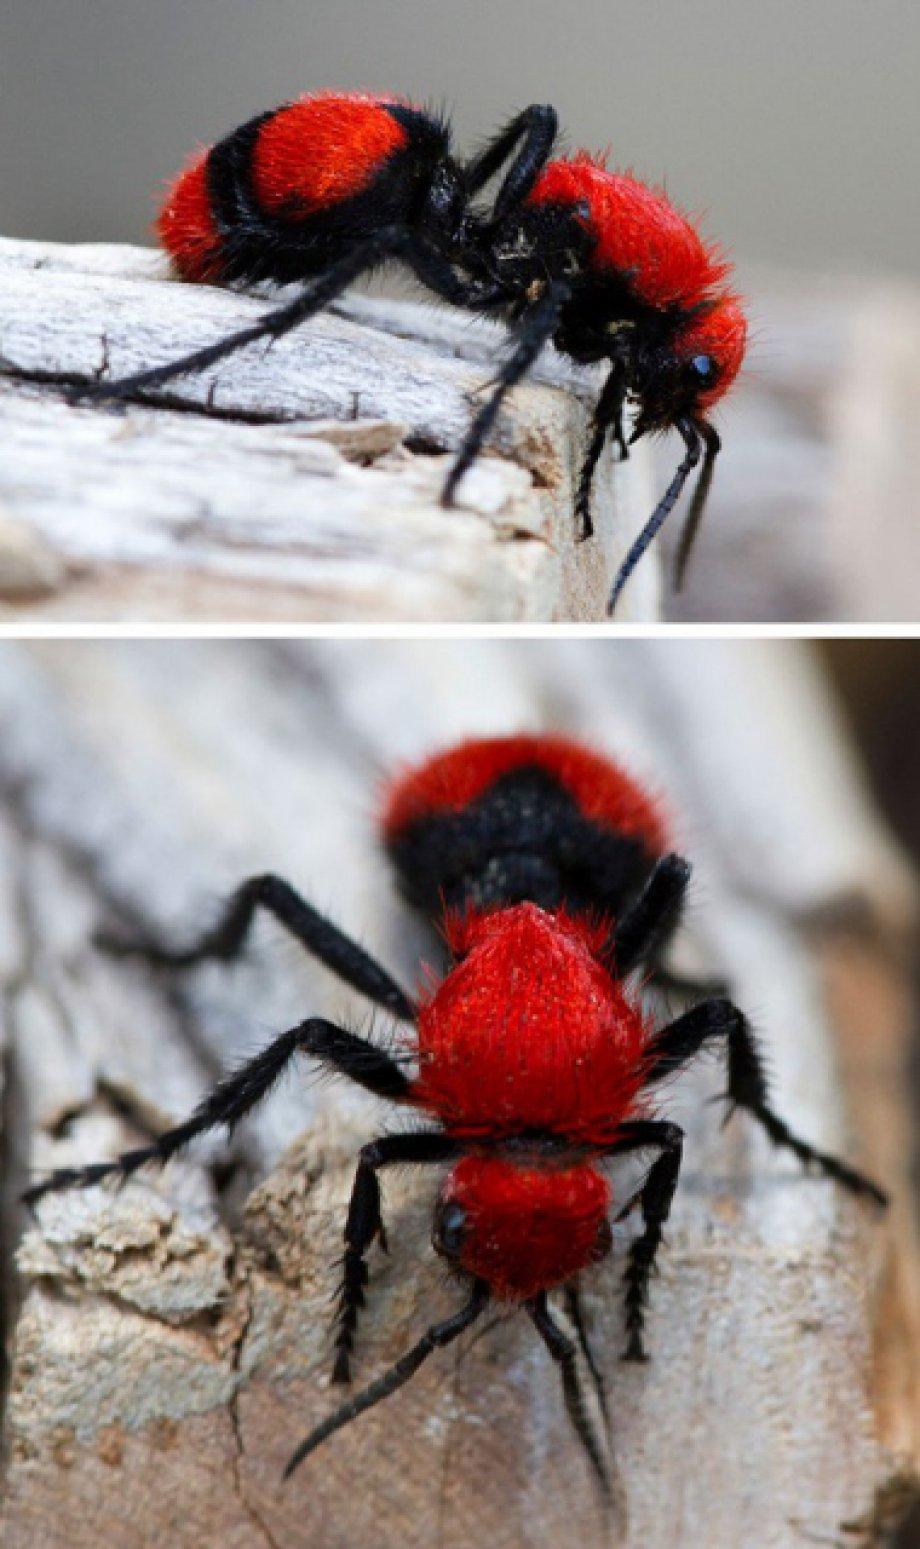 Muhteşem Renkleriyle Dikkat Çeken Canlılar